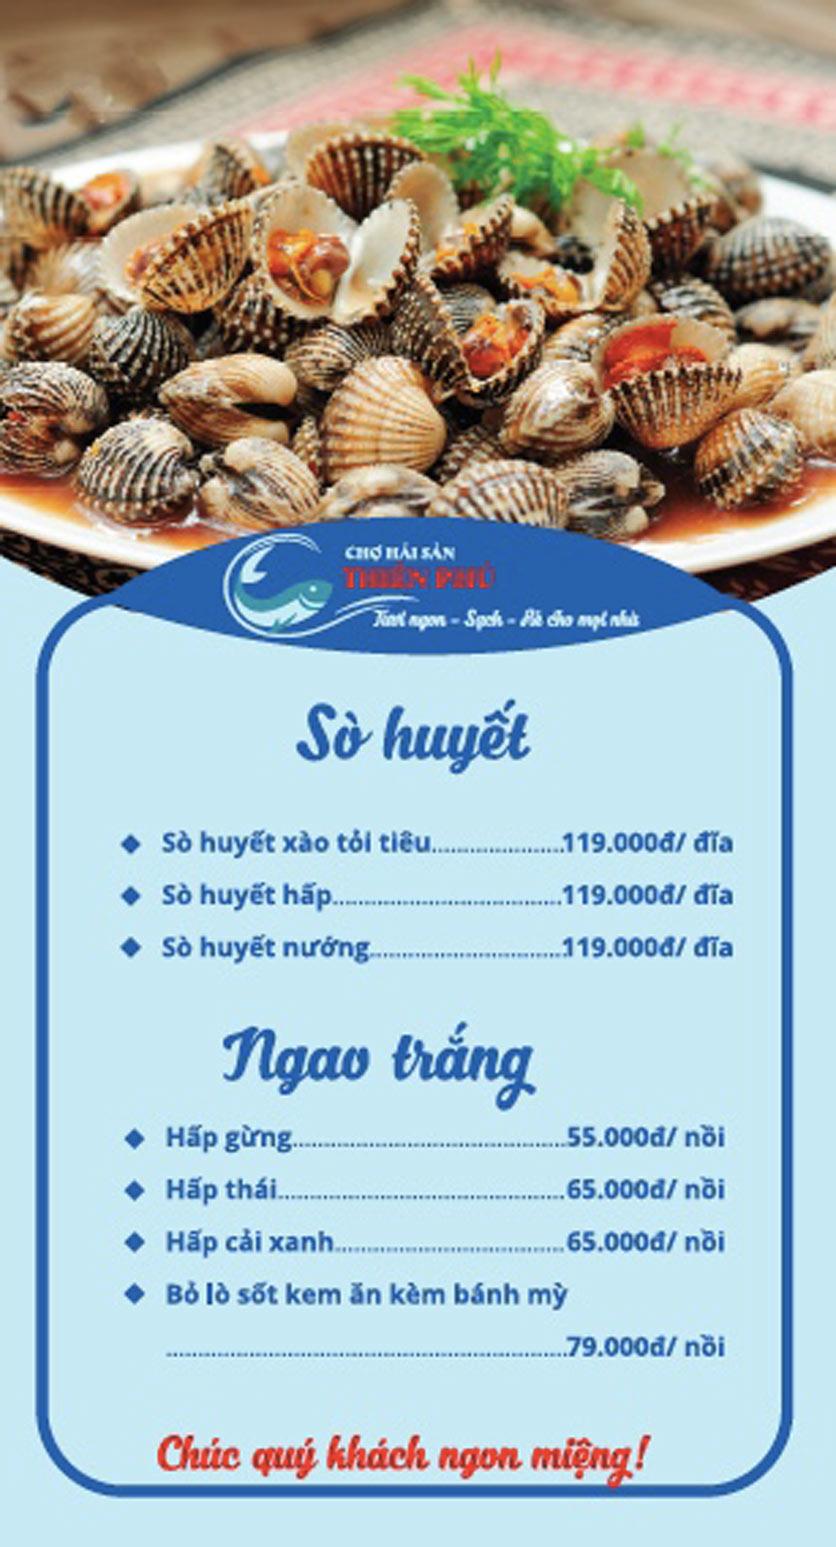 Menu Chợ Hải Sản Thiên Phú - KĐT Văn Phú 7